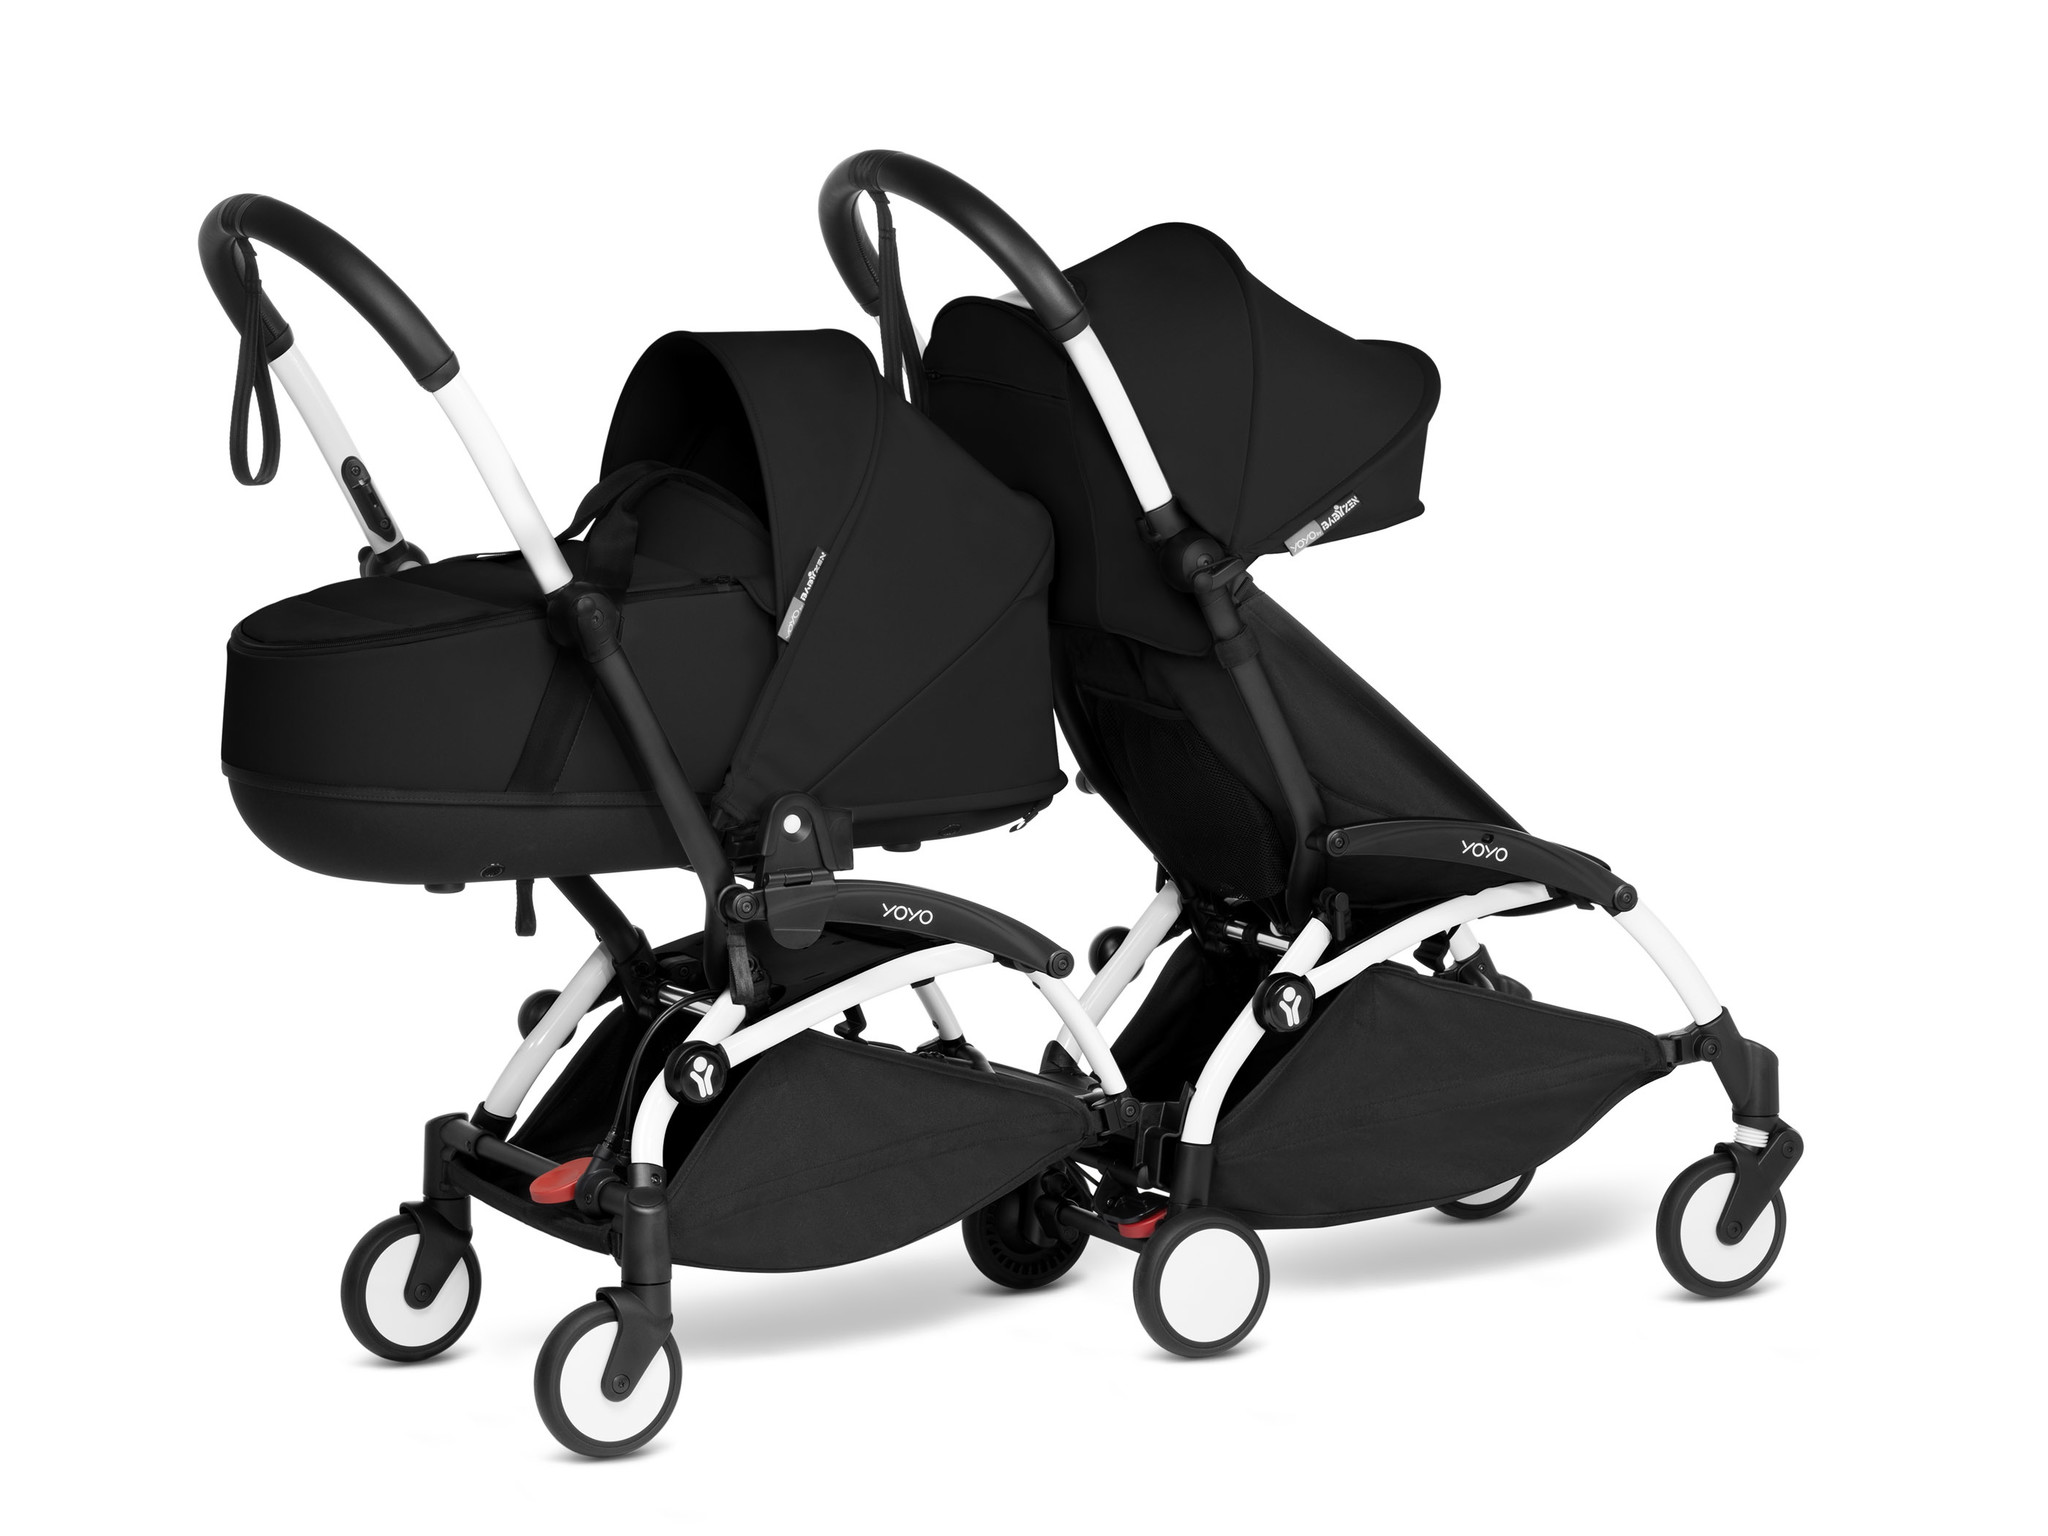 Babyzen YOYO2 wit frame met CONNECT compleet voor 1 newborn en 1 kindje van 6 mnd + kleur zwart